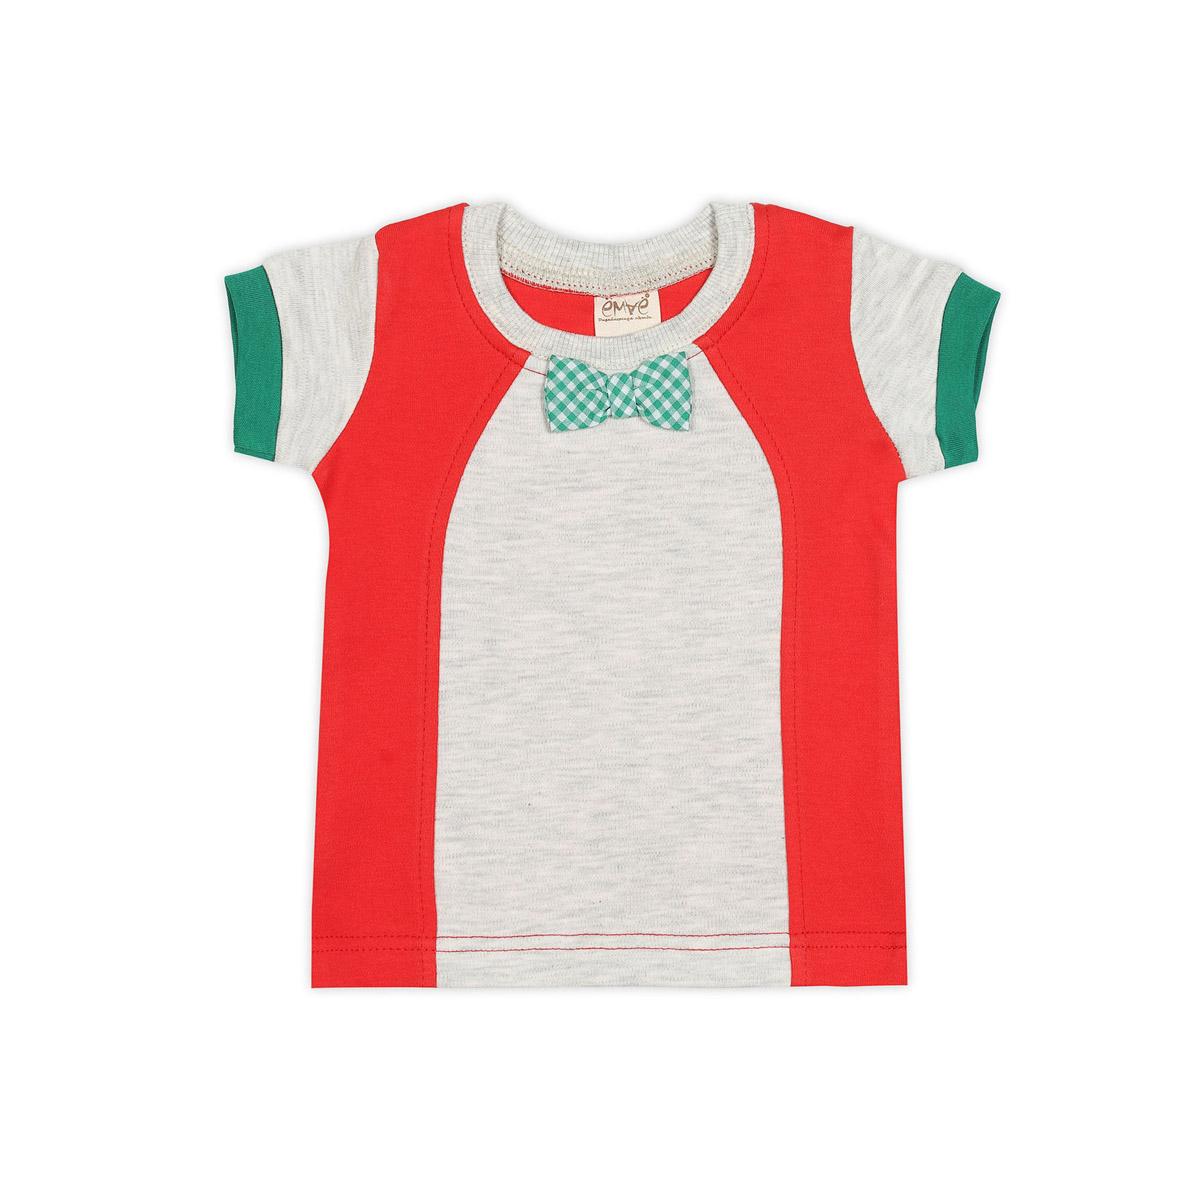 Футболка Ёмаё Хохлома (27-636) рост 80 светло серый меланж с красный<br>